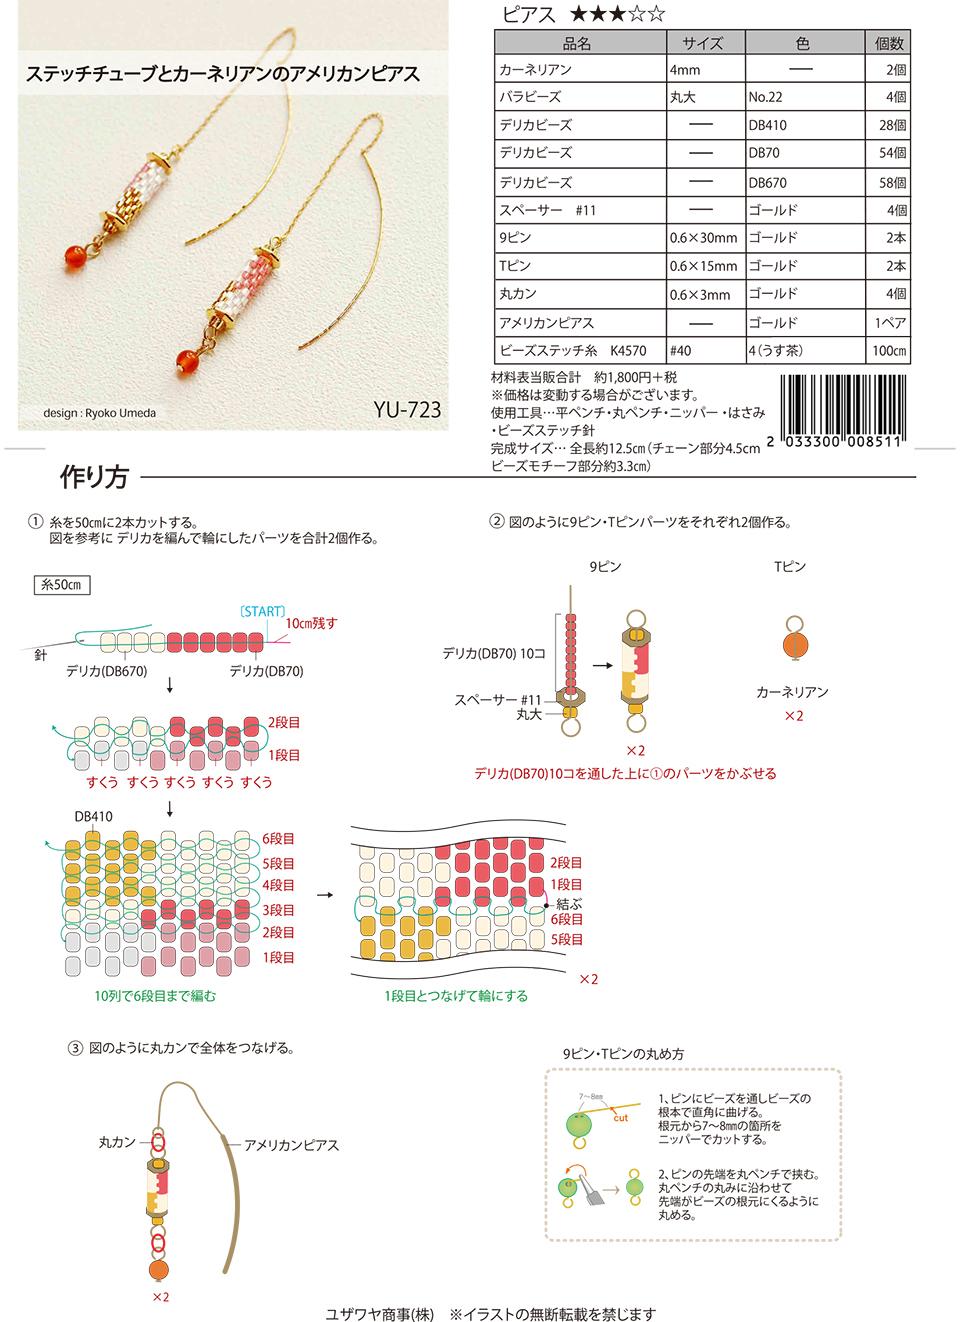 YU-723ステッチチューブとカーネリアンのアメリカンピアス_1.jpg